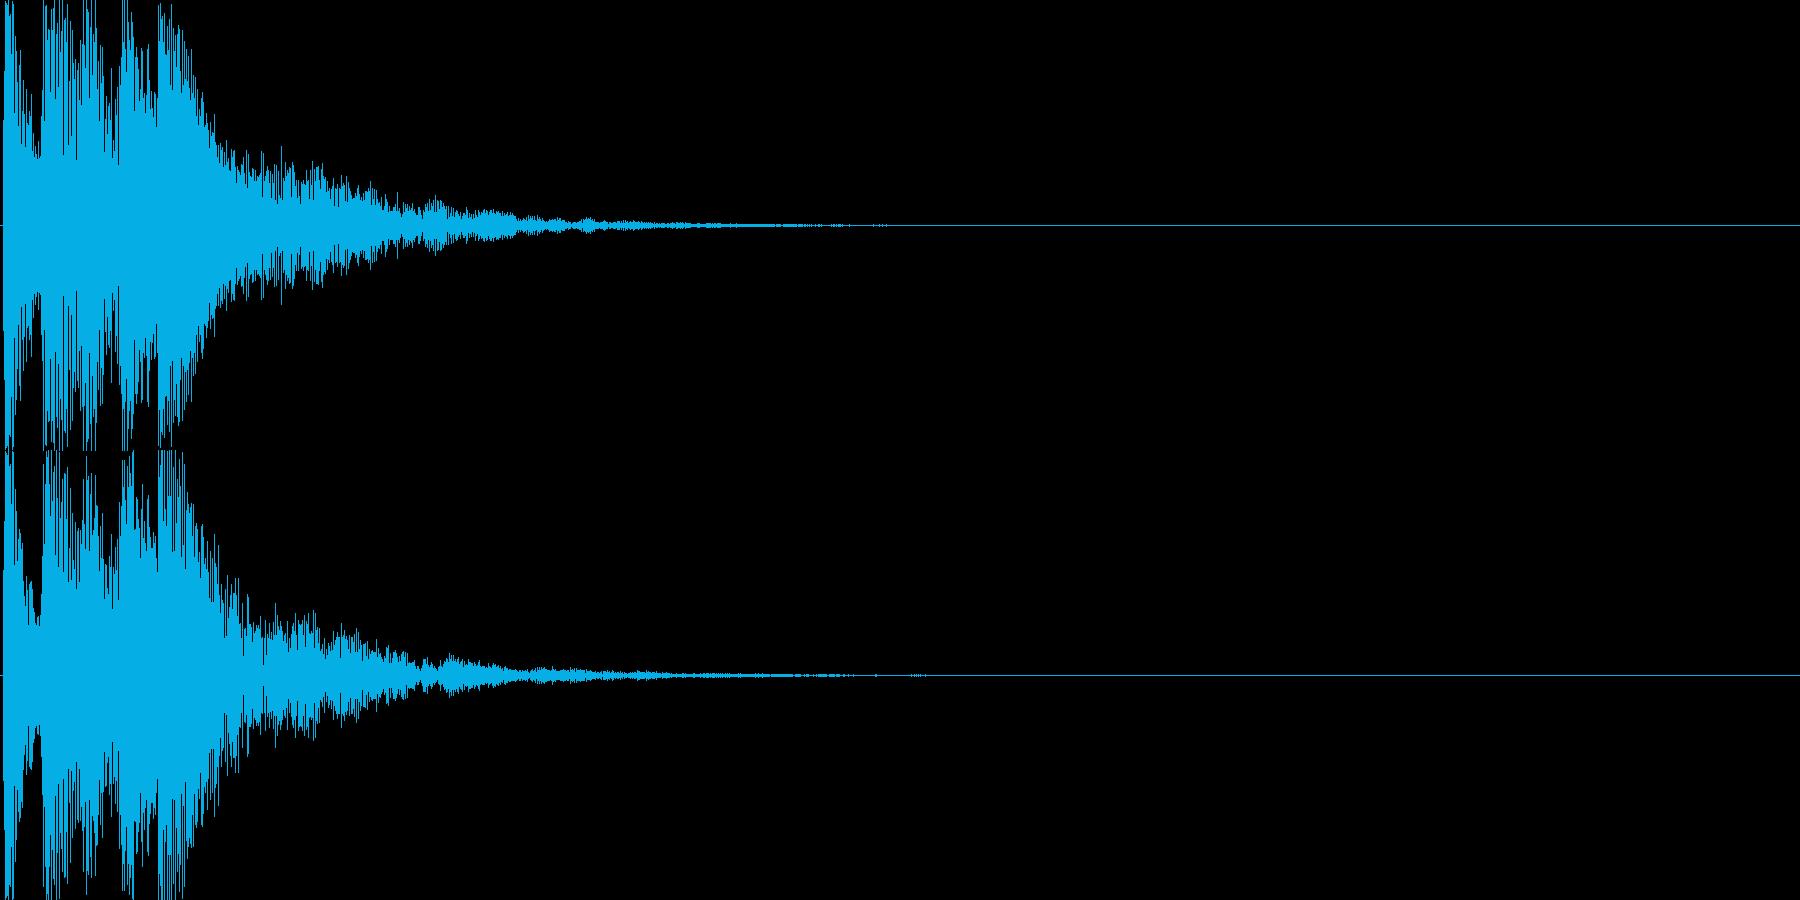 ピコ(ゲーム、アプリなどの操作音05)の再生済みの波形